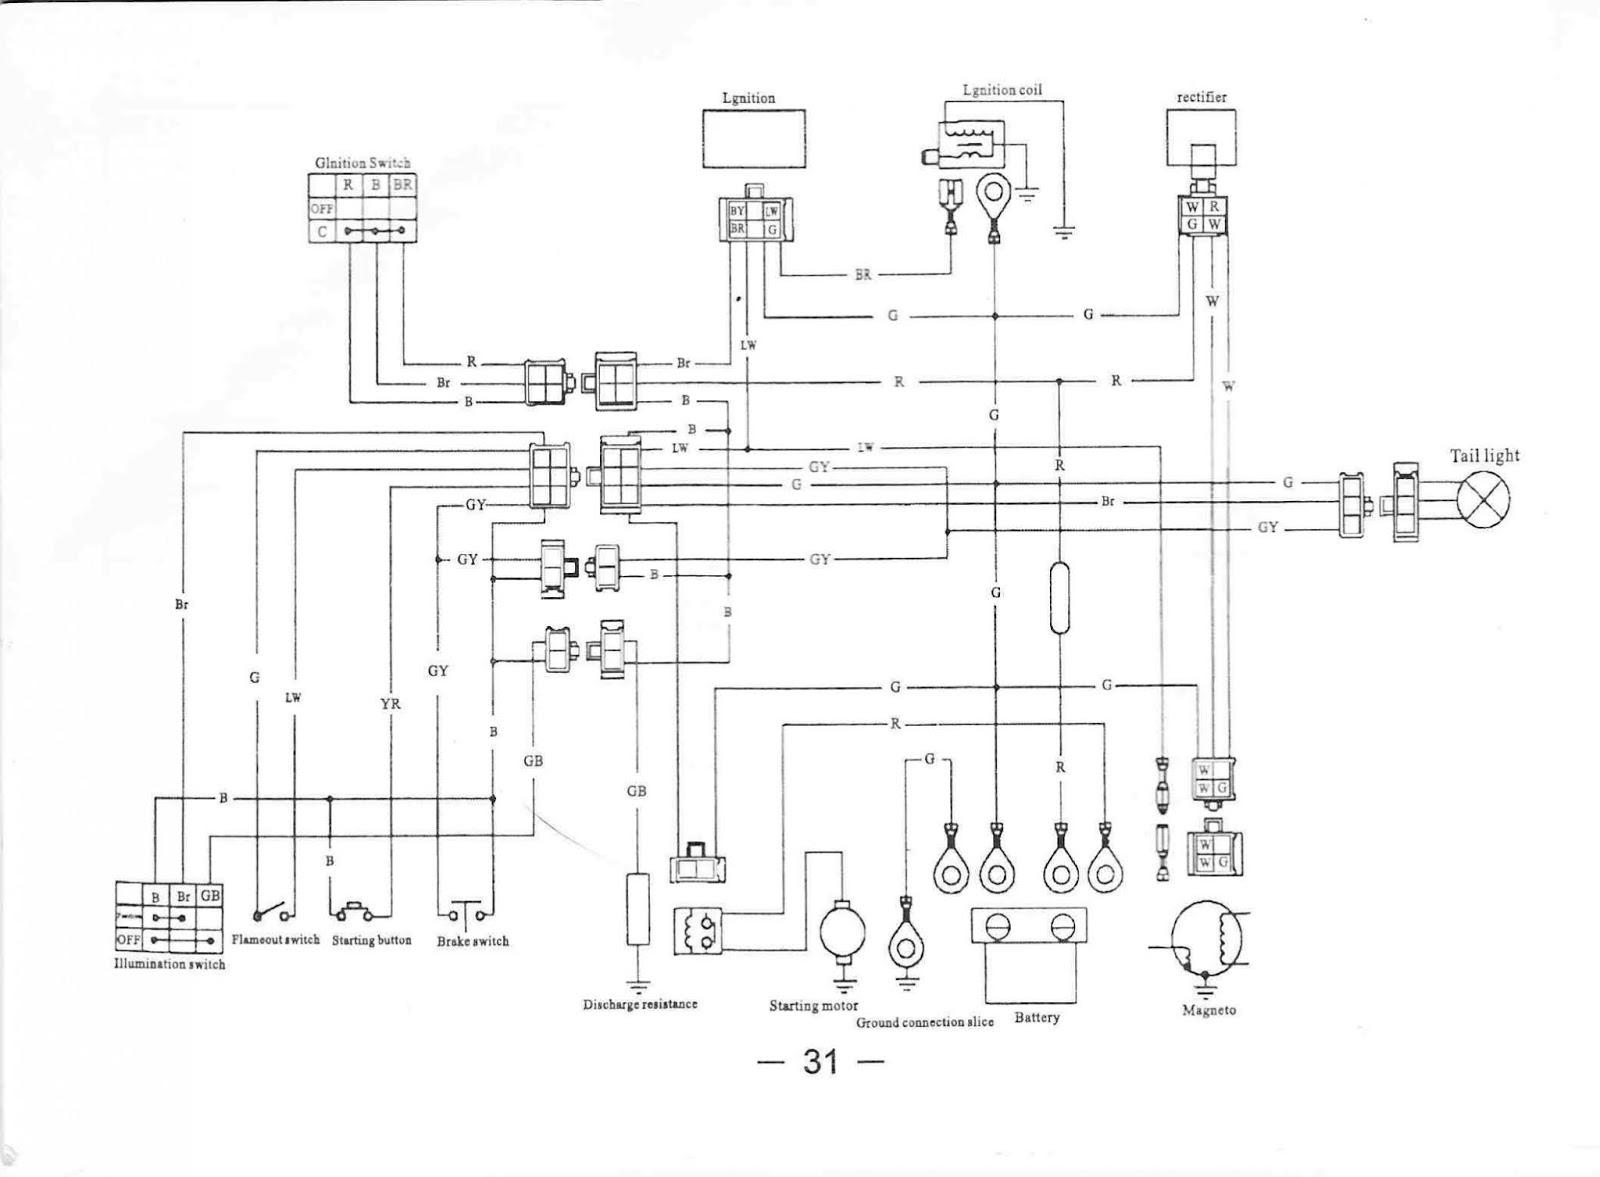 quad schematic wiring diagram - 2003 ford taurus starting system wiring  diagrams 3 0 liter for wiring diagram schematics  wiring diagram schematics